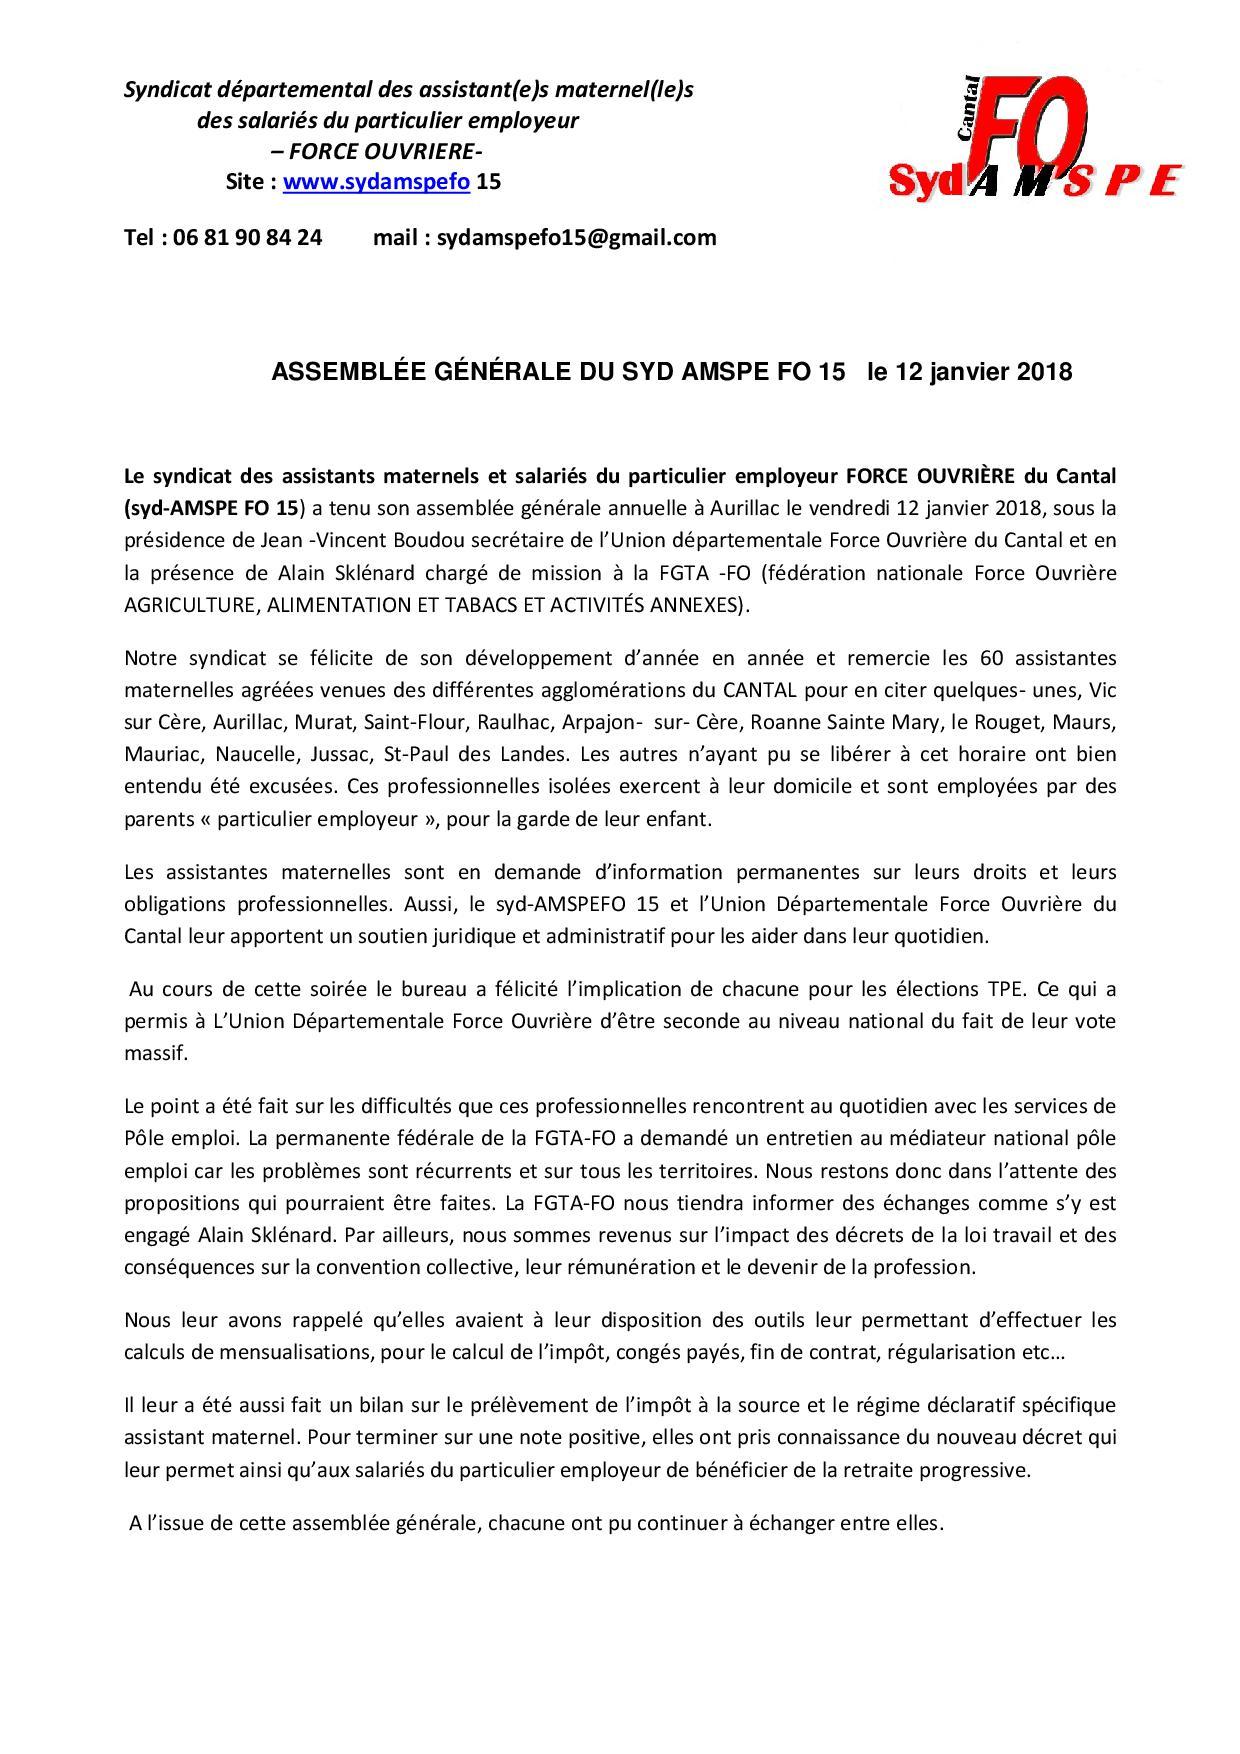 Syndicat Des Assistants Maternels Et Spe Fo Du Cantal Union